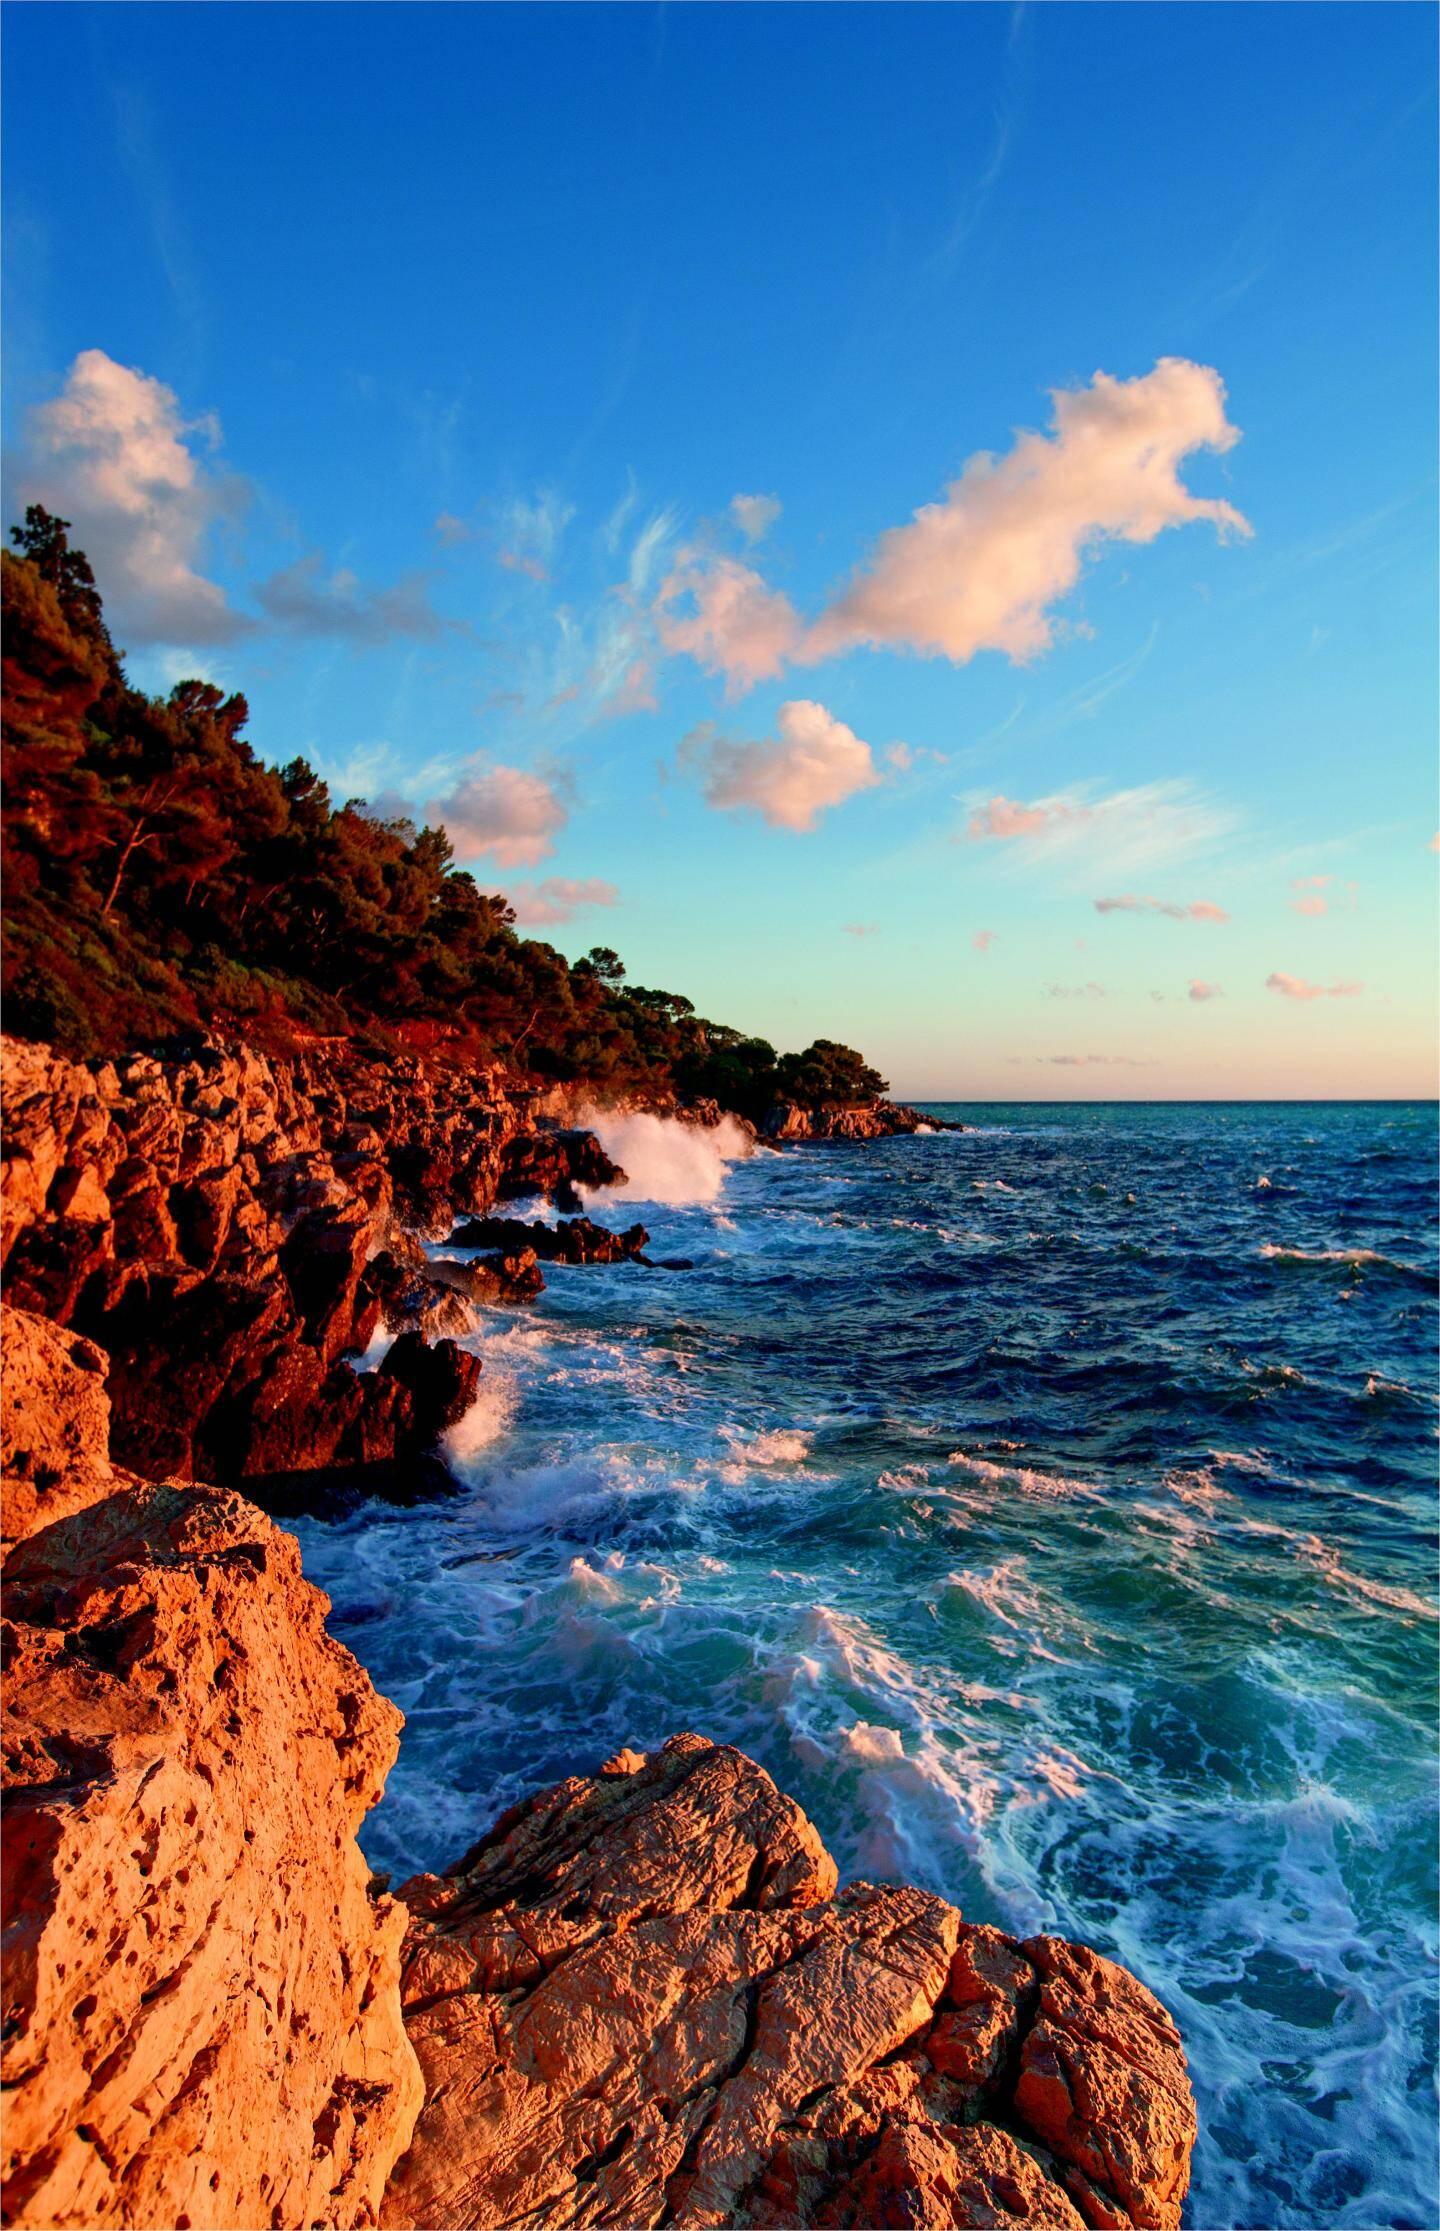 Les roches acérées protègent à l'ouest le littoral sauvage du cap. Une idée du bout du monde…